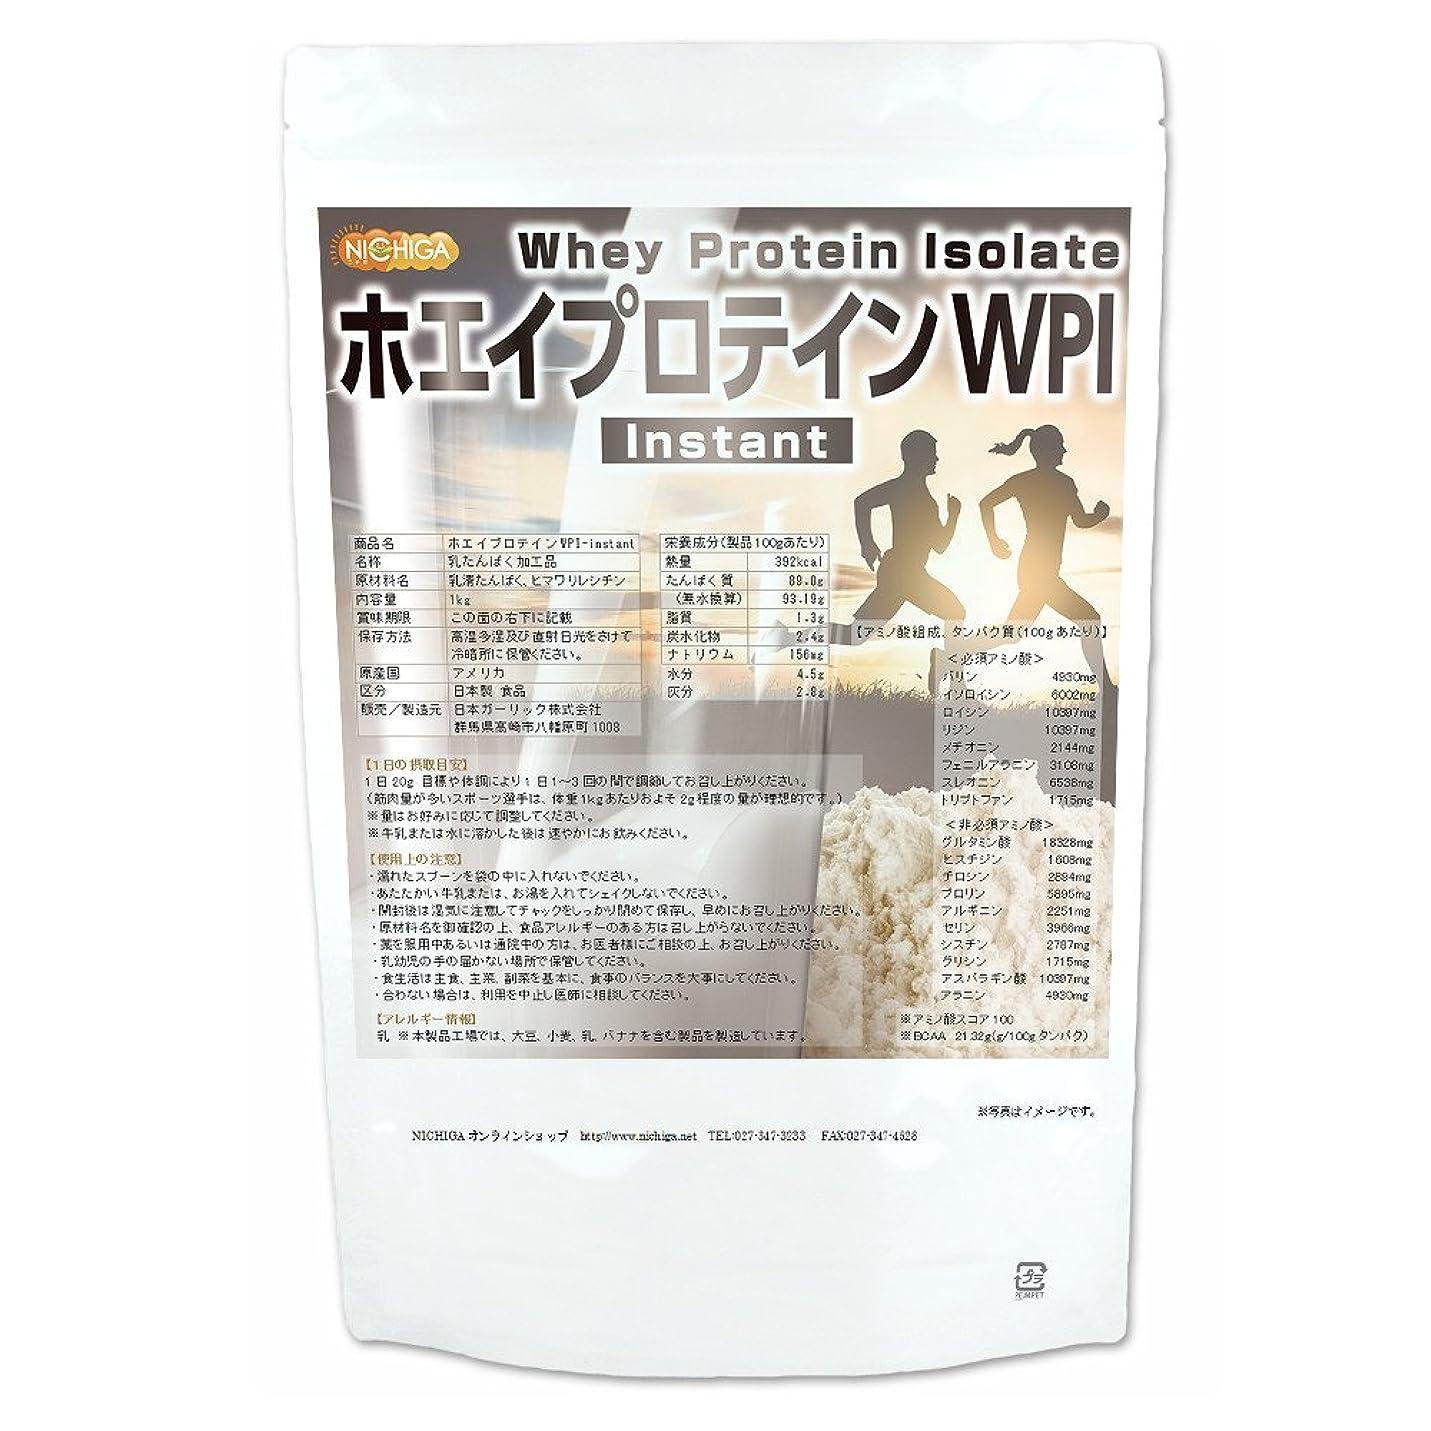 接続された仕事マットホエイプロテインWPI-instant 1kg [02] NICHIGA(ニチガ) Whey Protein Isolate